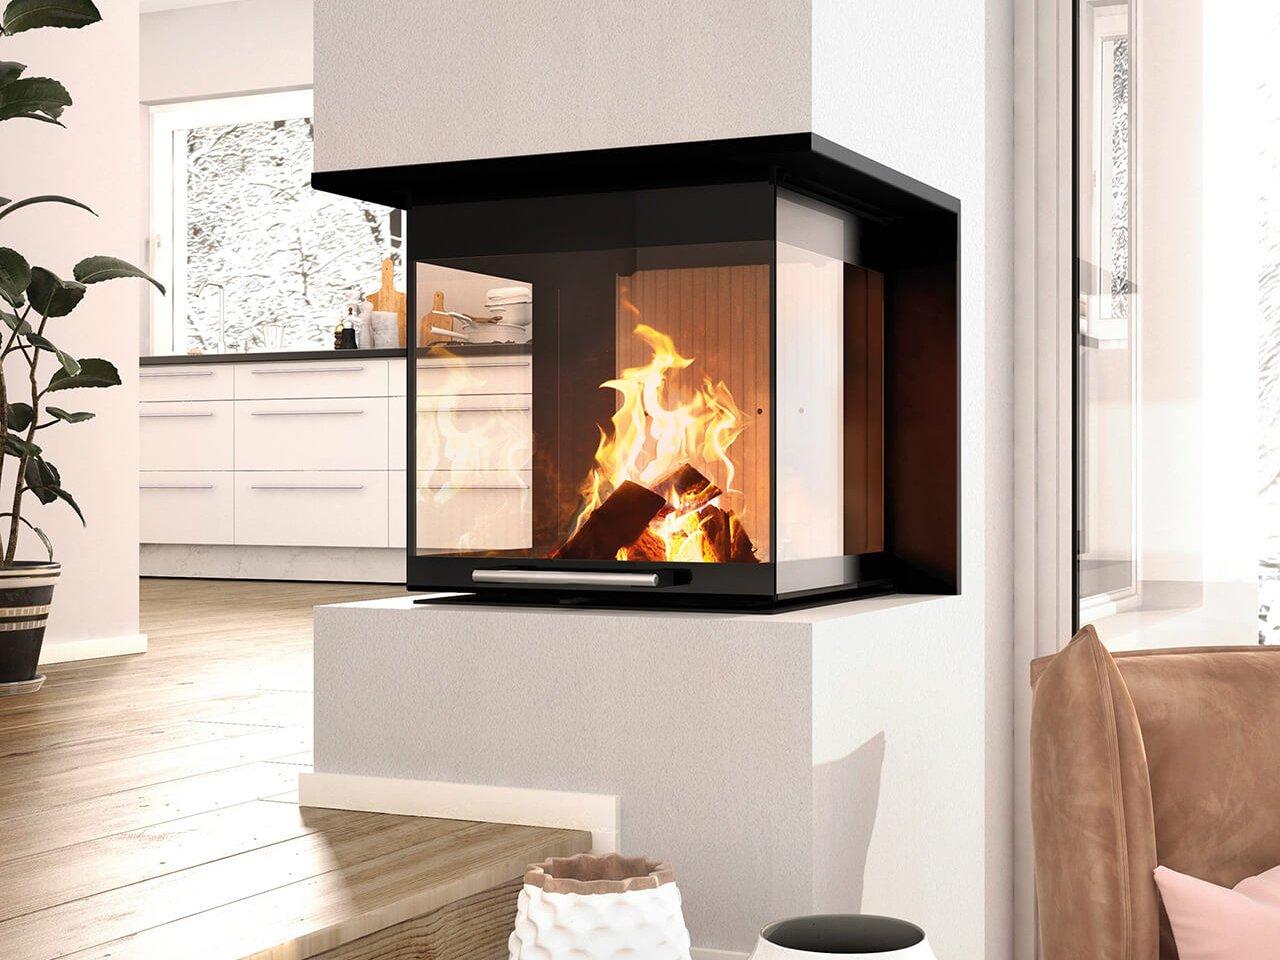 Eine moderne Holzfeuerstätte (hier ein Kaminofen) ist 1.BImSchV-konform, sie ersetzt einen in die Jahre gekommenen Ofen